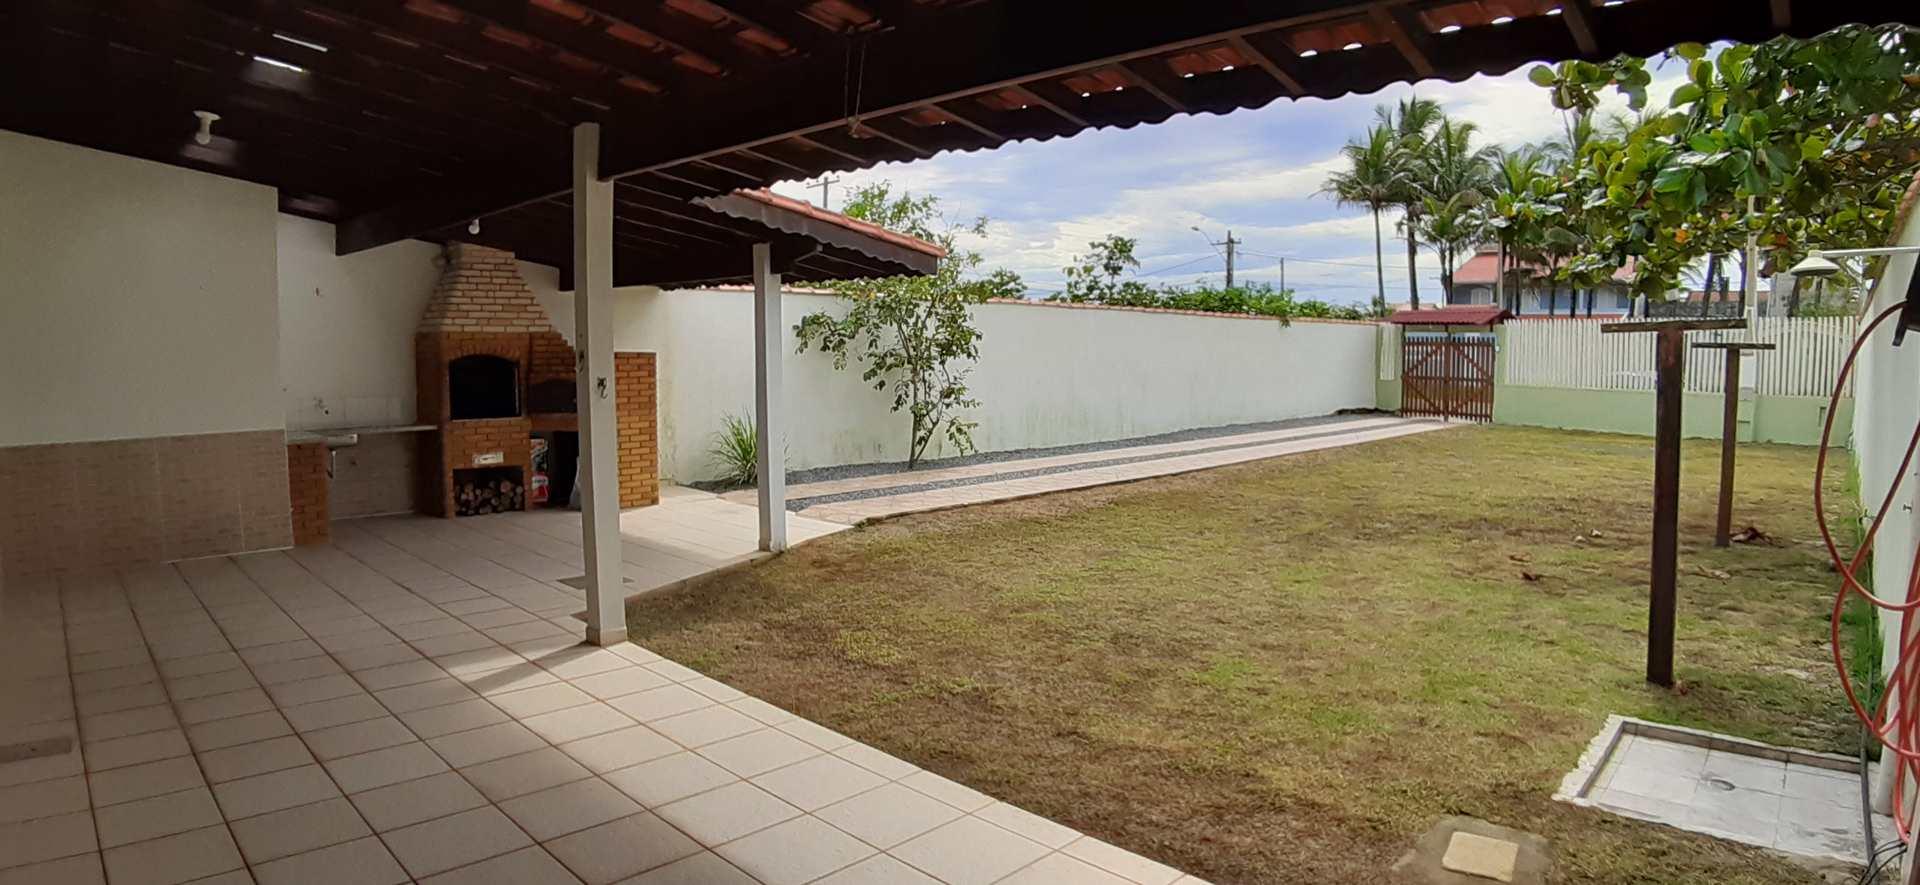 Casa com 2 dorms, Jardim das Palmeiras, Itanhaém - R$ 260 mil, Cod: 5119